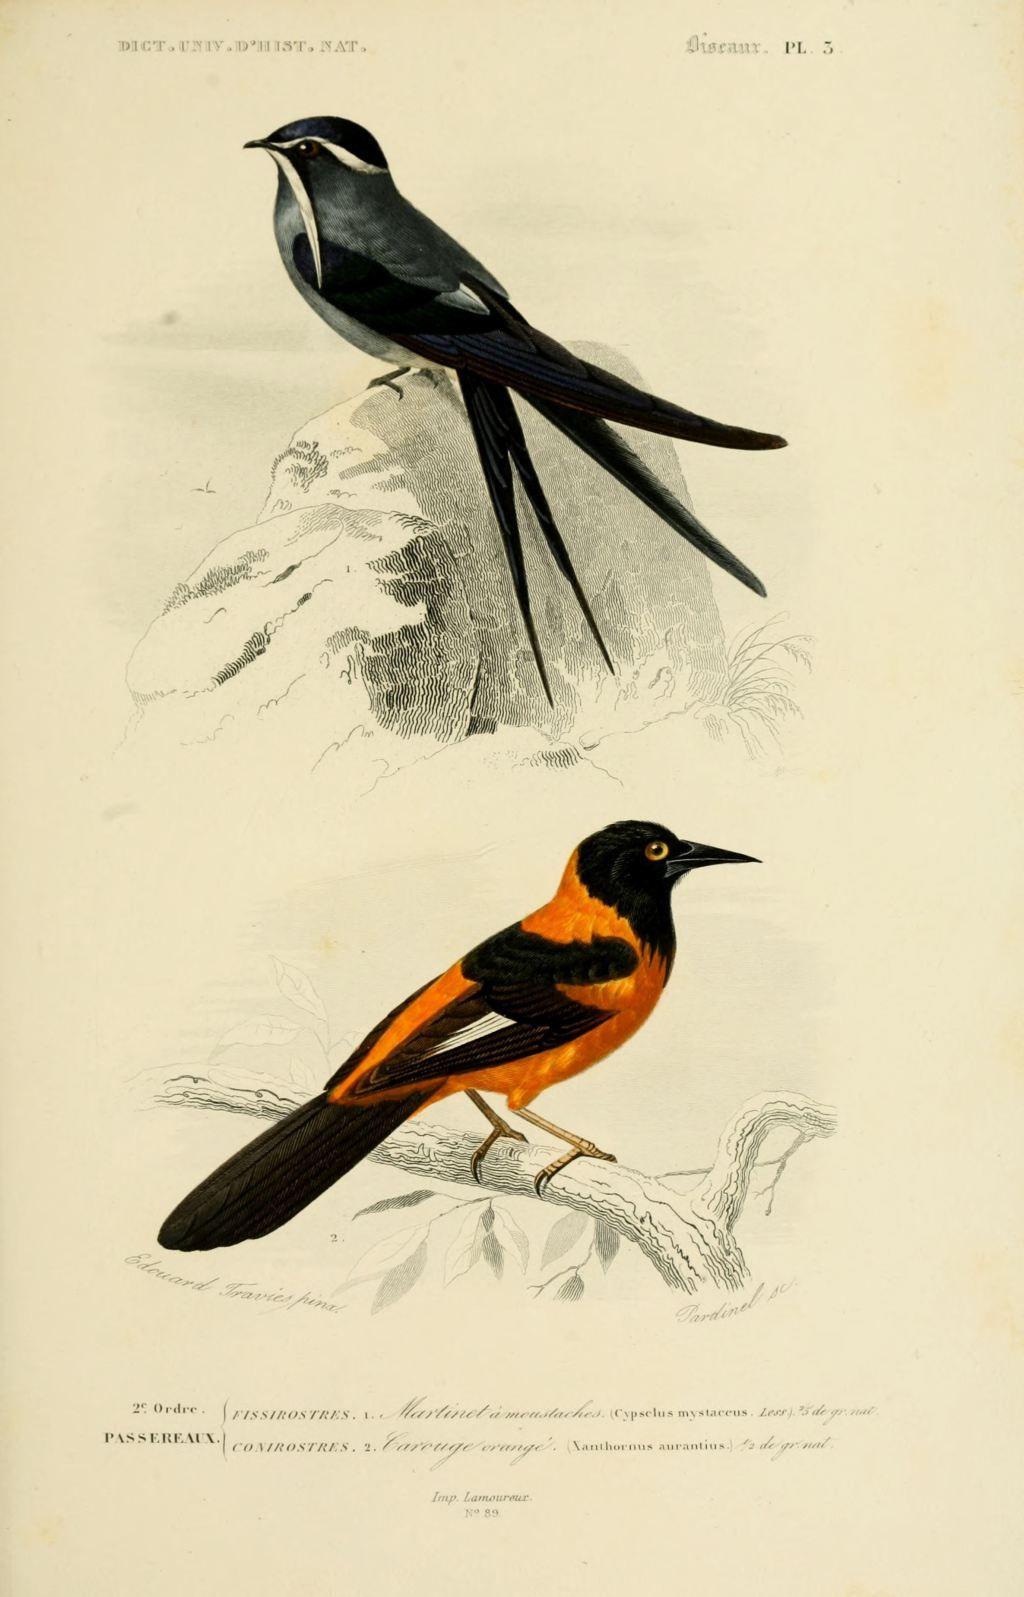 gravures couleur d 39 oiseaux gravure oiseau 0207 martinet a moustaches cypsclus mystaceus. Black Bedroom Furniture Sets. Home Design Ideas